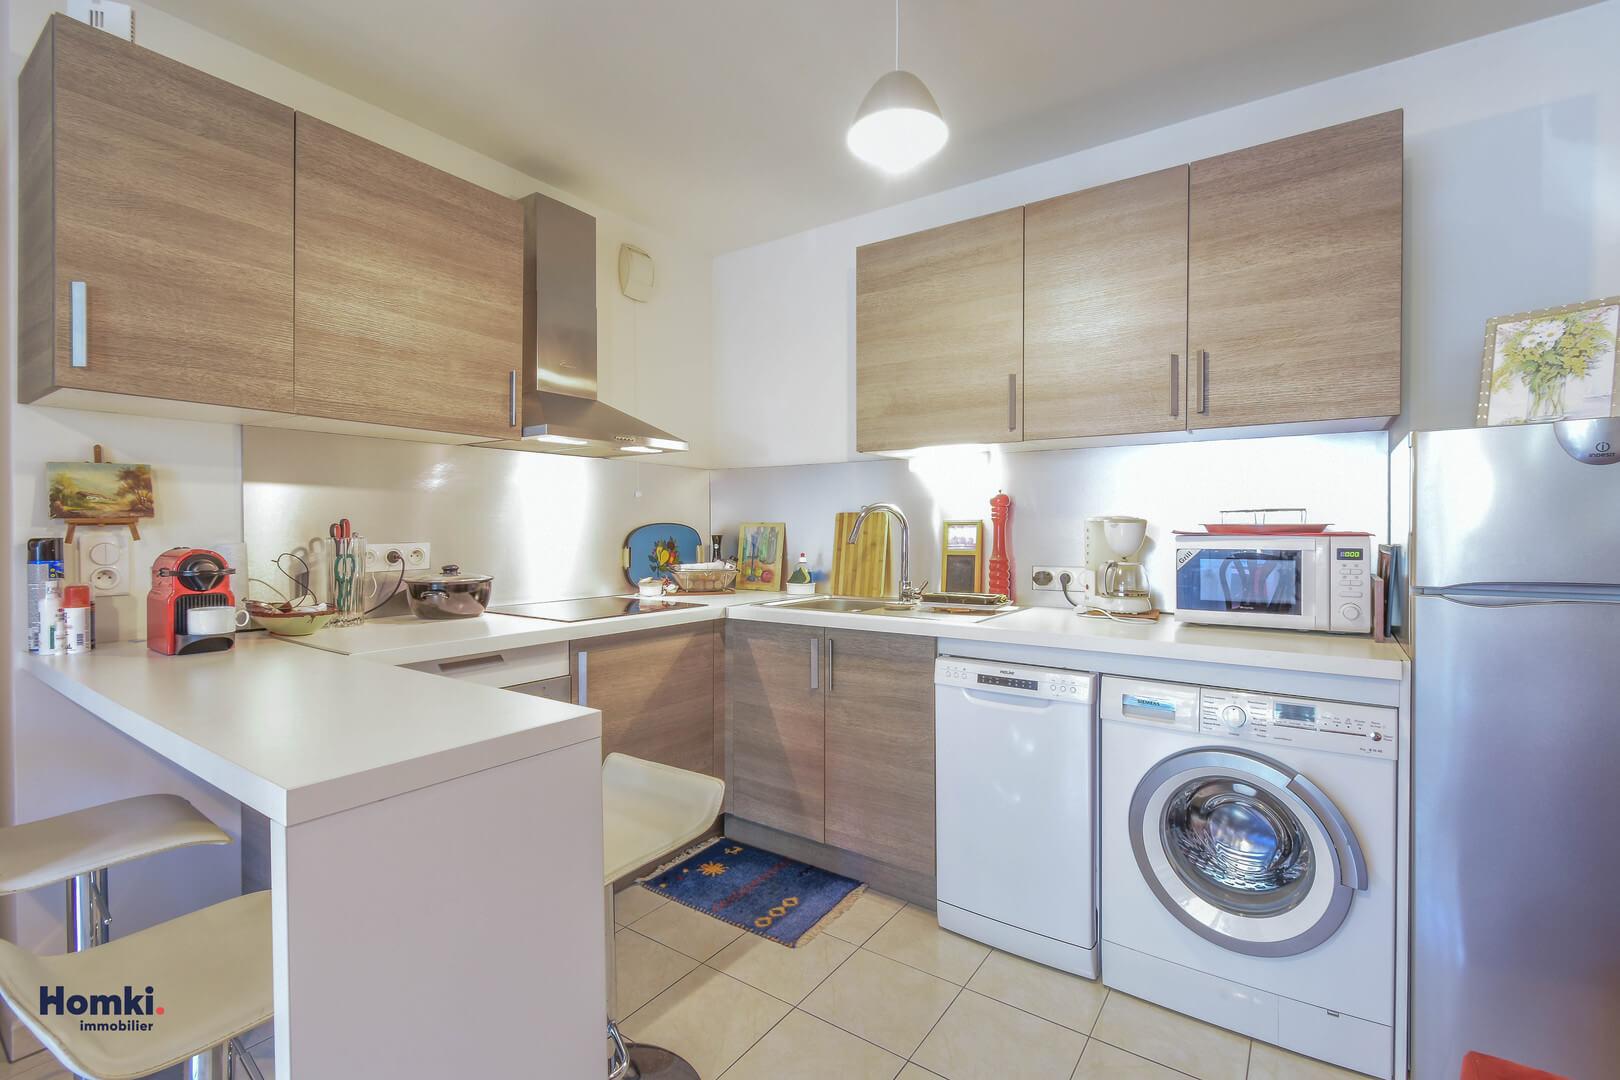 Vente appartement Saint Raphael T3 83700_5